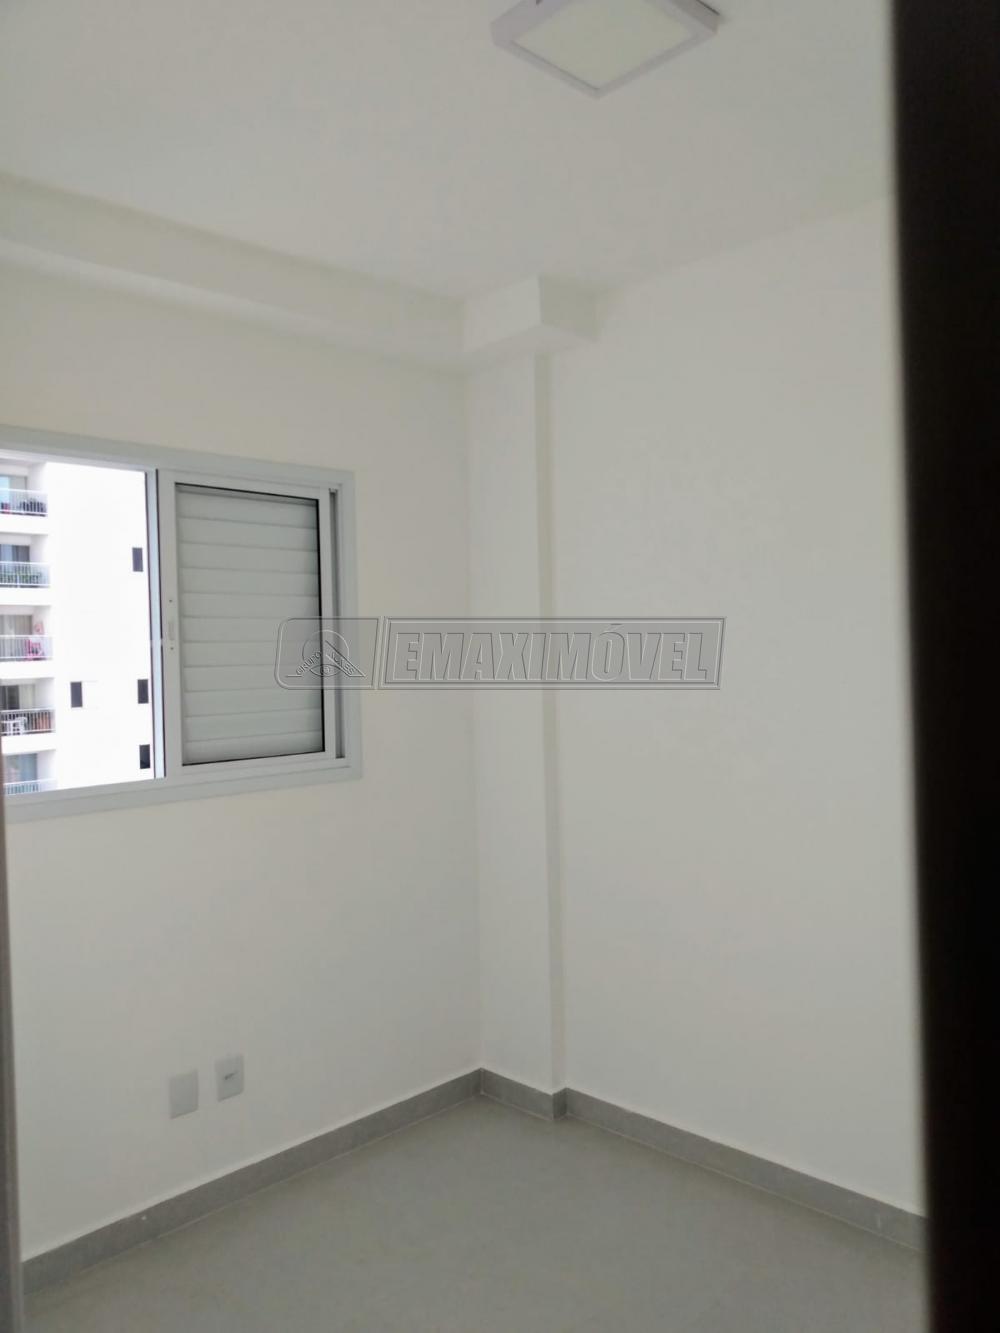 Comprar Apartamento / Padrão em Sorocaba R$ 310.000,00 - Foto 10